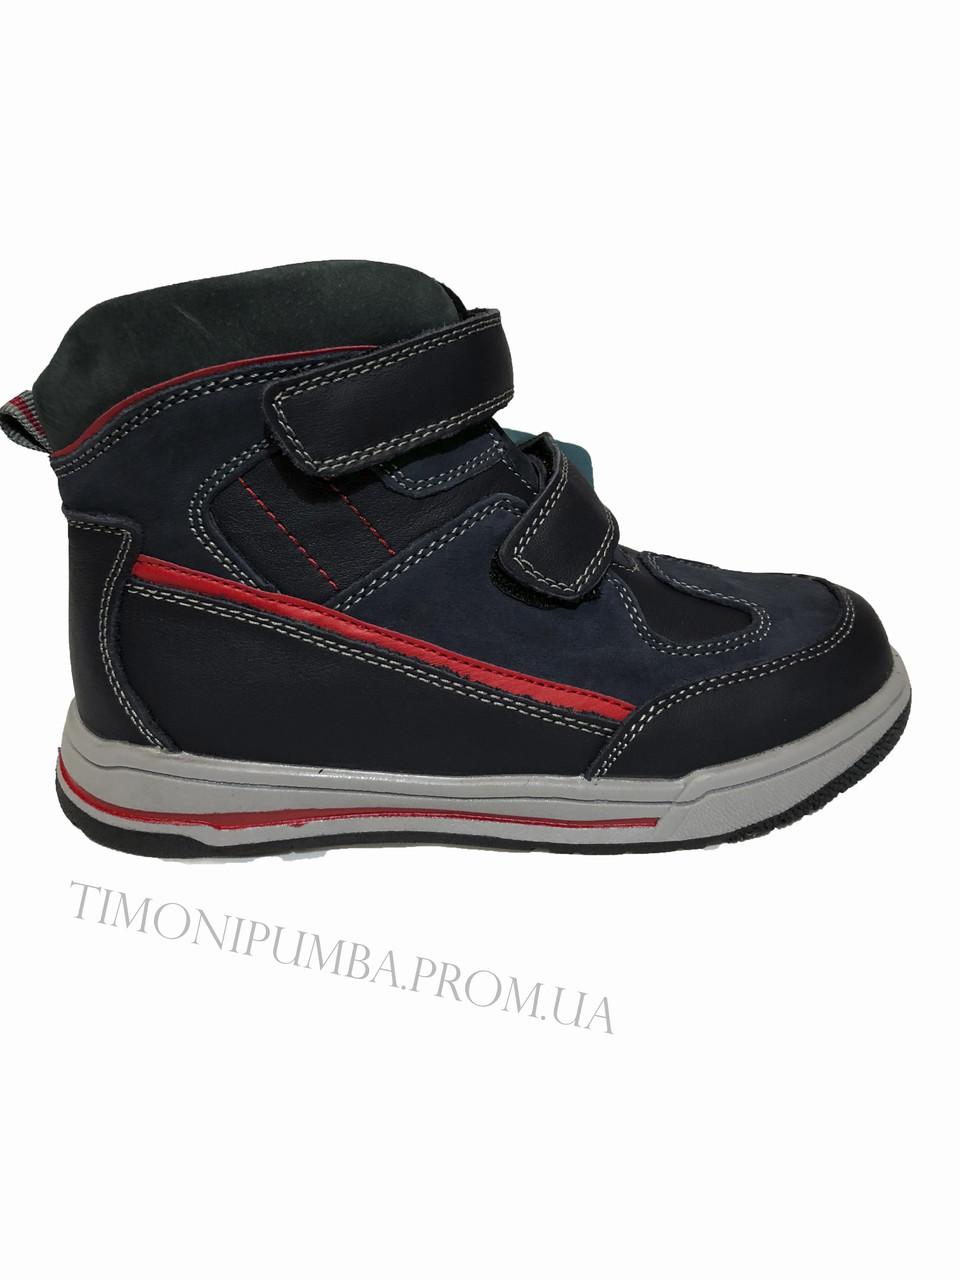 73222f21c Демисезонная обувь для мальчика BiKi р.31-36, цена 620 грн., купить ...